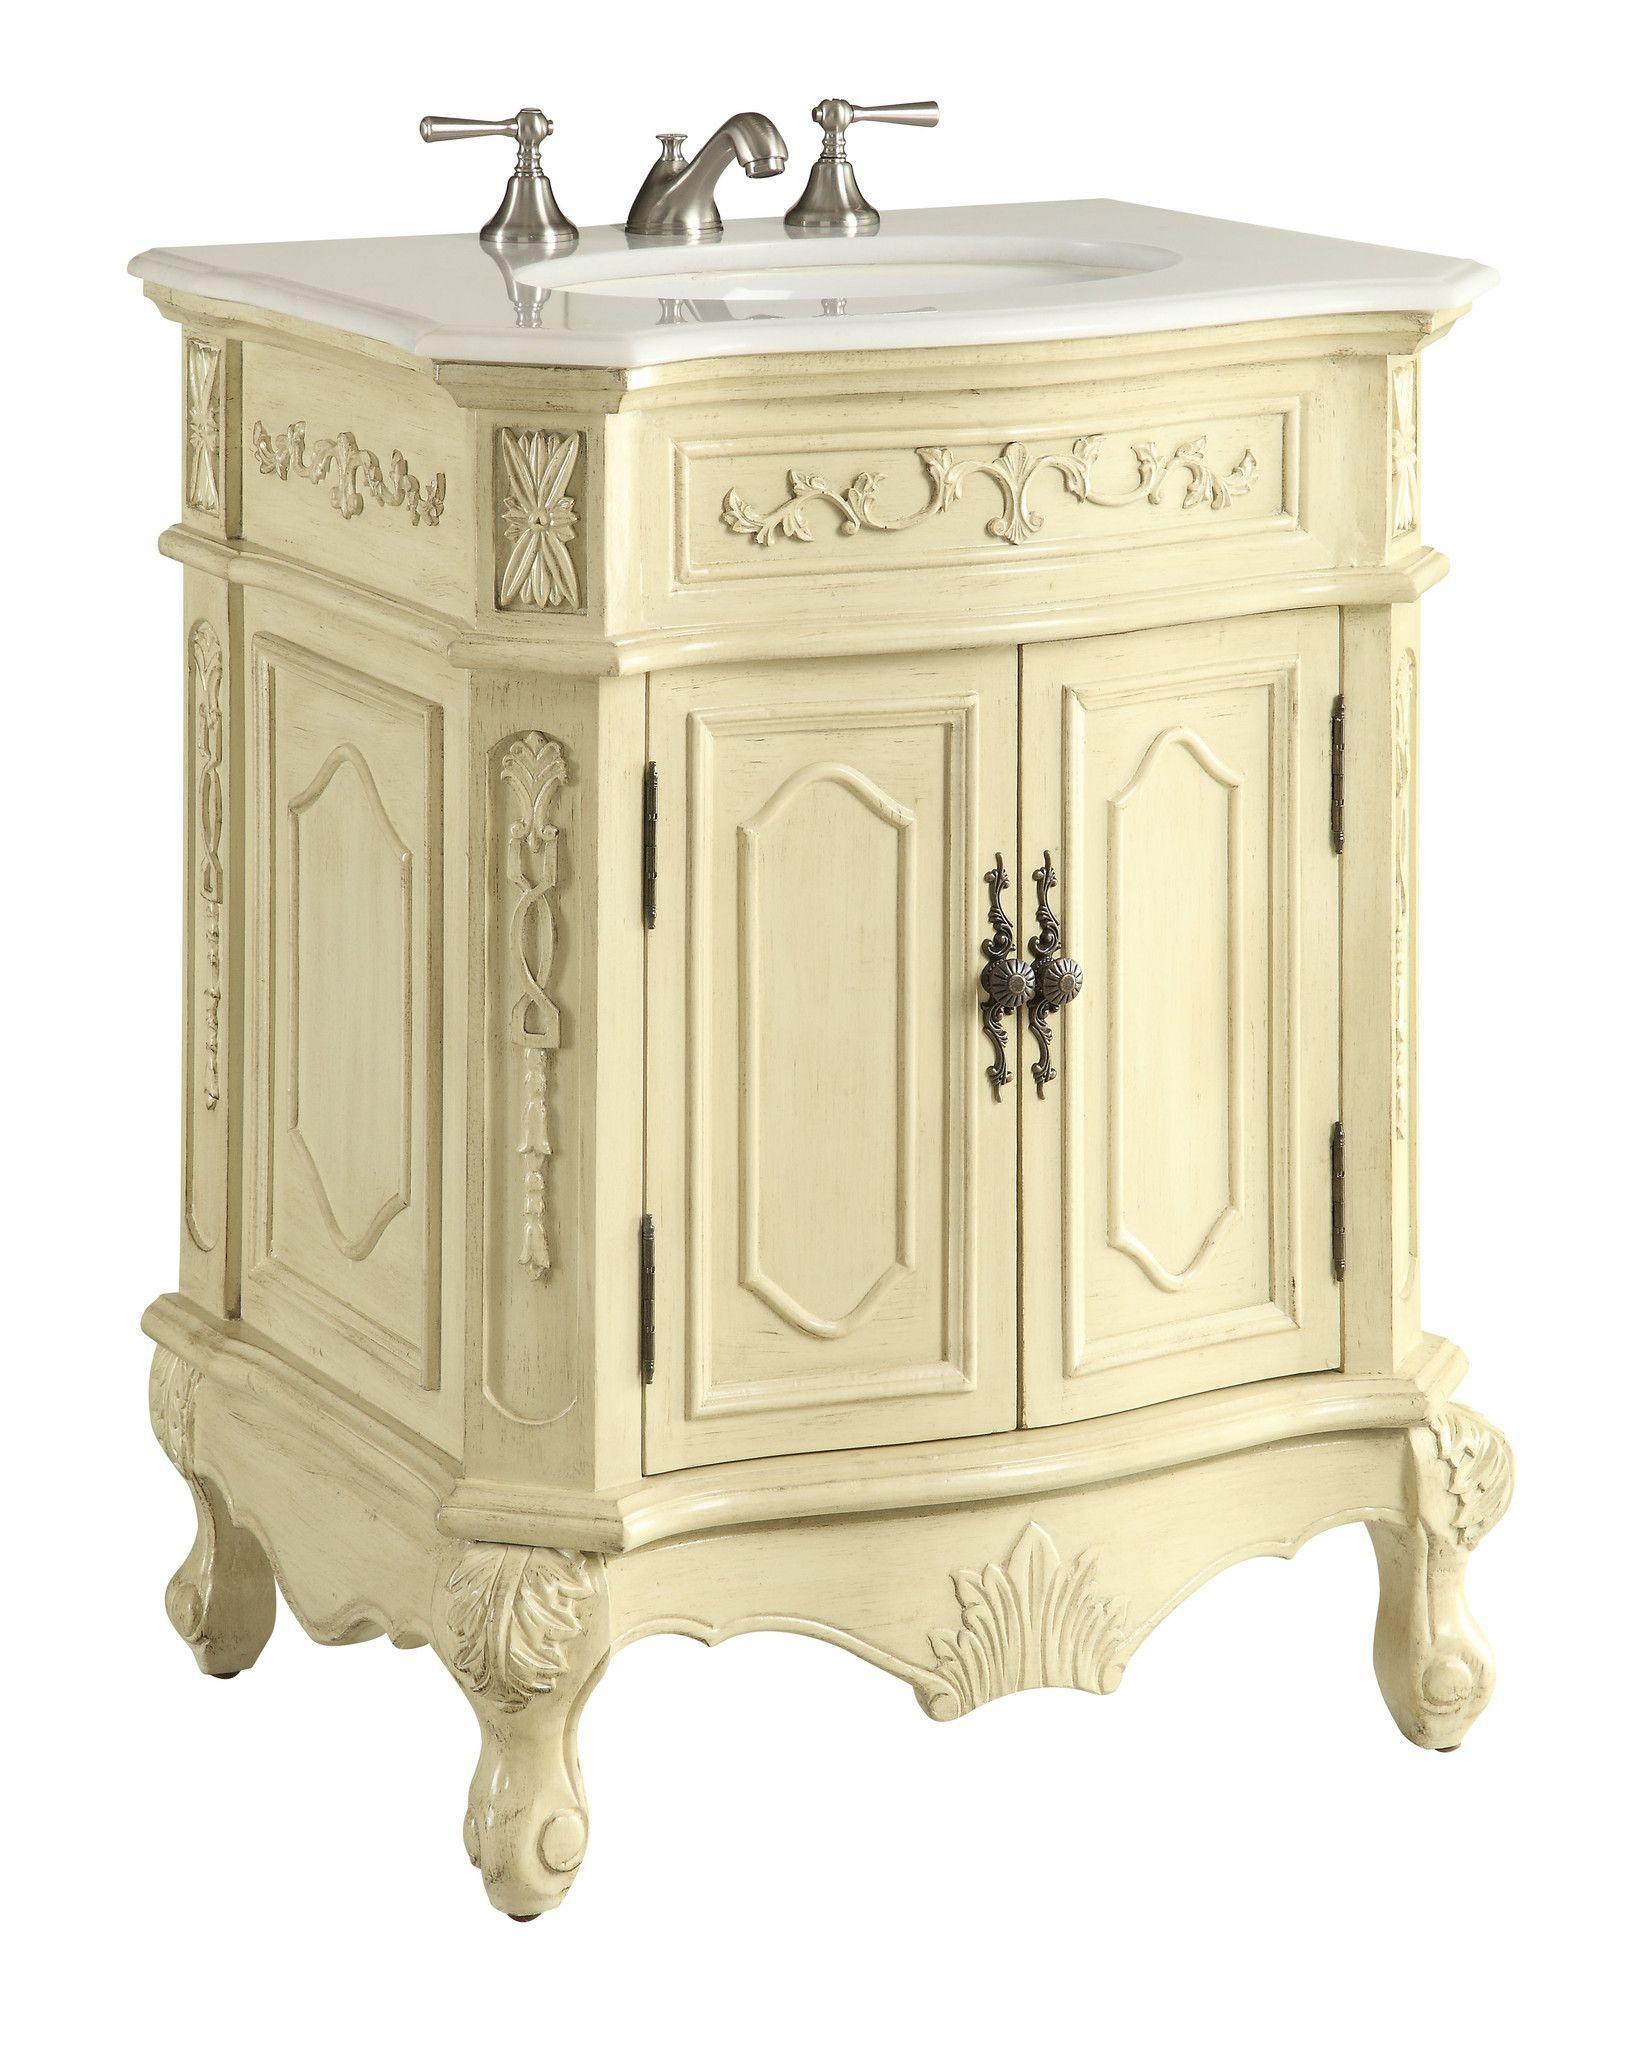 27 Petite Powder Room Beige Color Spencer Bathroom Sink Vanity